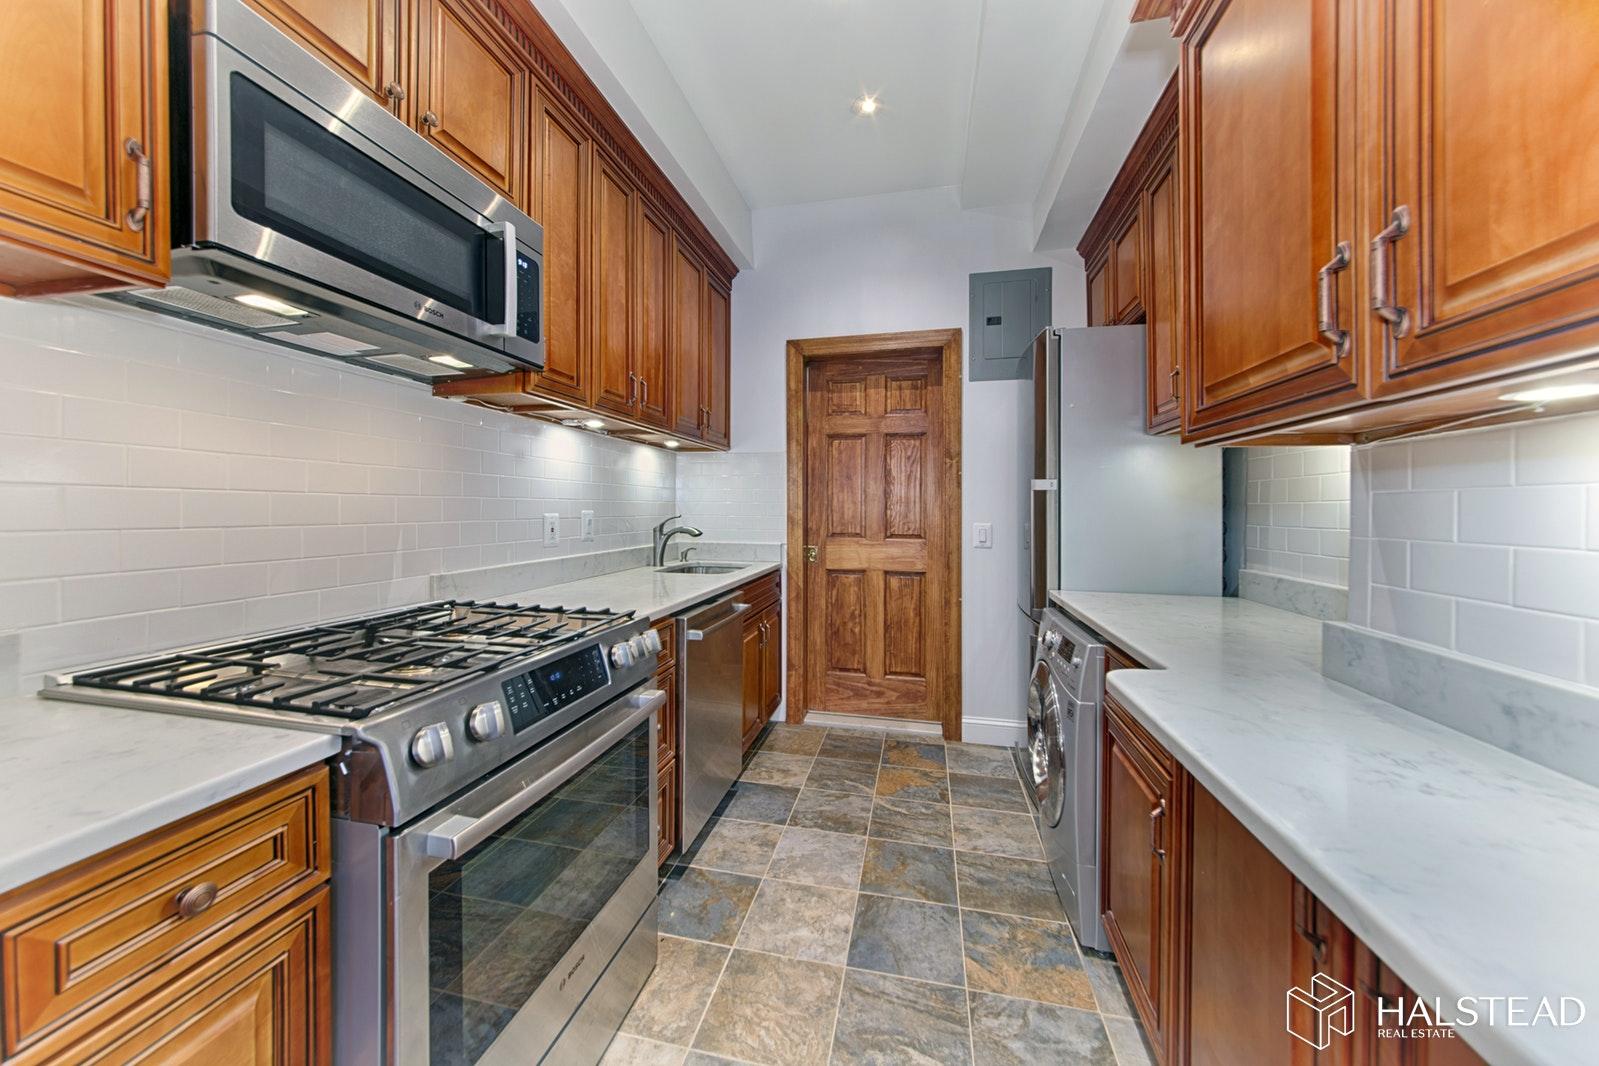 345 WEST 84TH STREET 5, Upper West Side, $2,700, Web #: 20115928